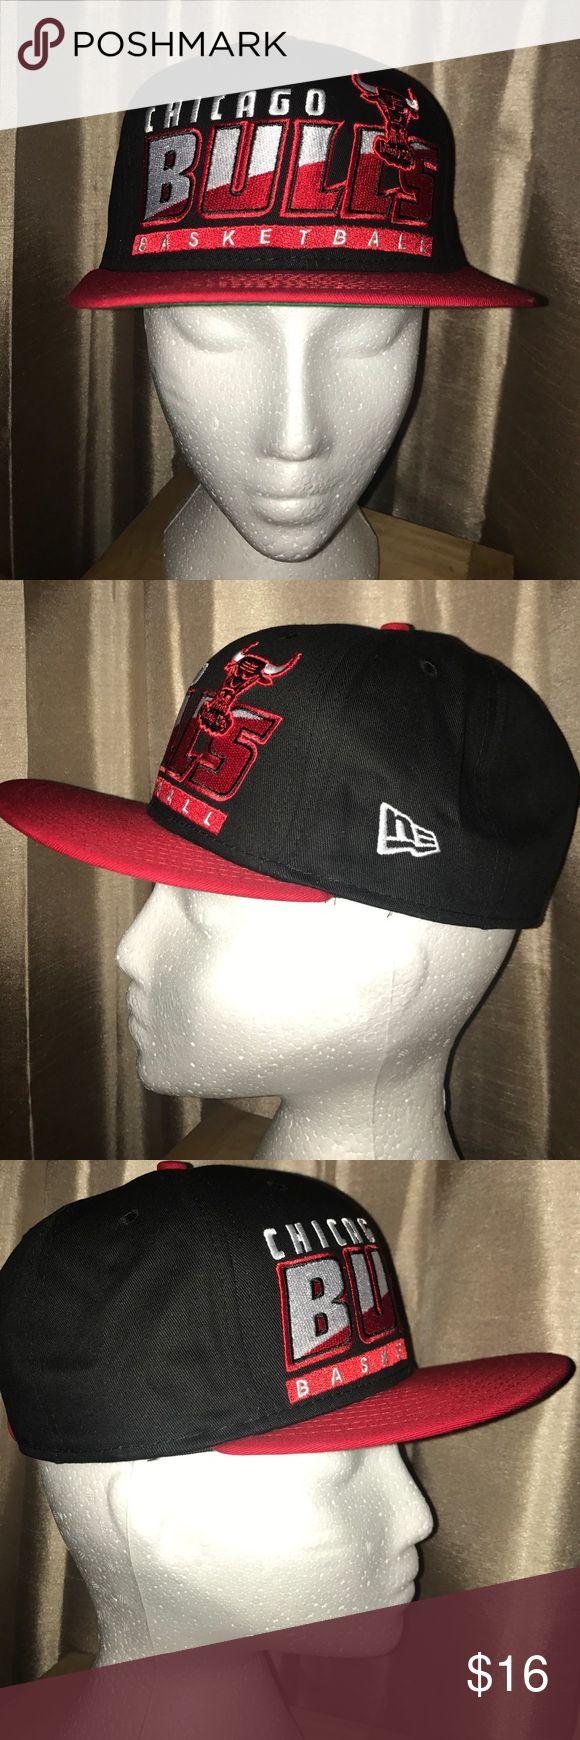 NICE Chicago Bulls NBA Basketball 🏀 Snap Back Hat NICE Retro New Era Chicago Bulls NBA Basketball 🏀 Snap Back Hat Hardwood Classics New Era Accessories Hats